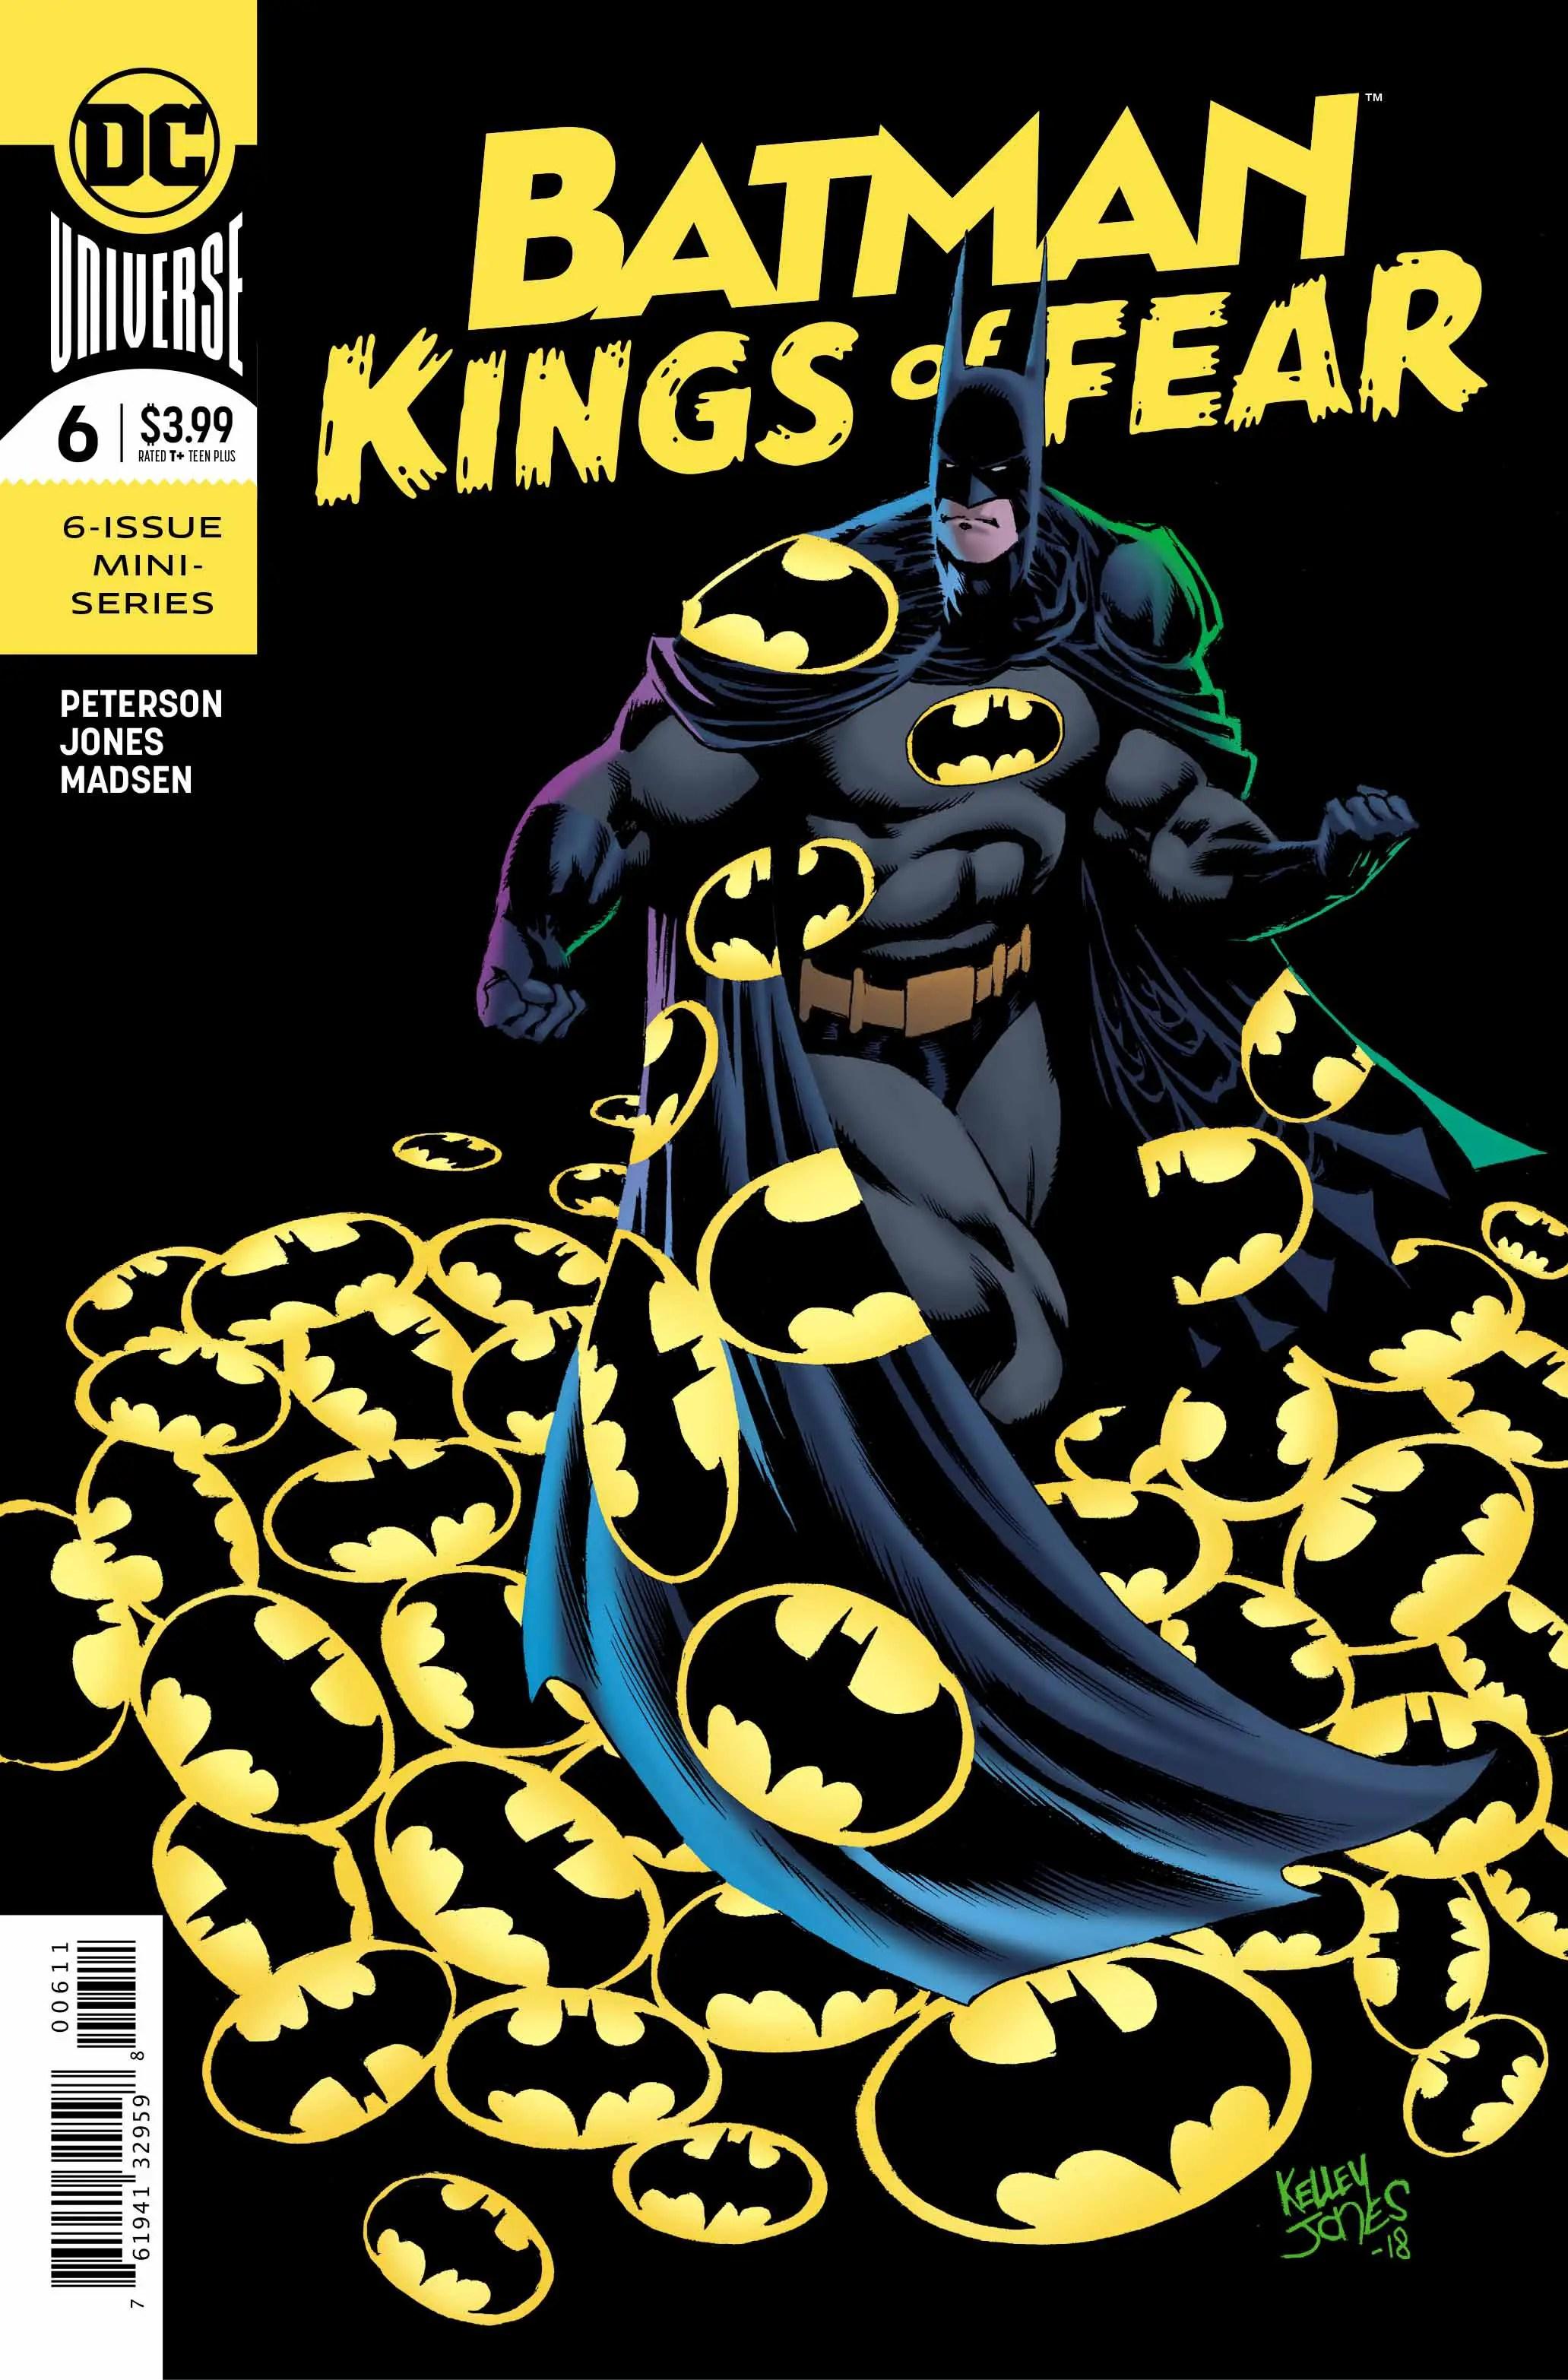 Batman: Kings of Fear #6 Review